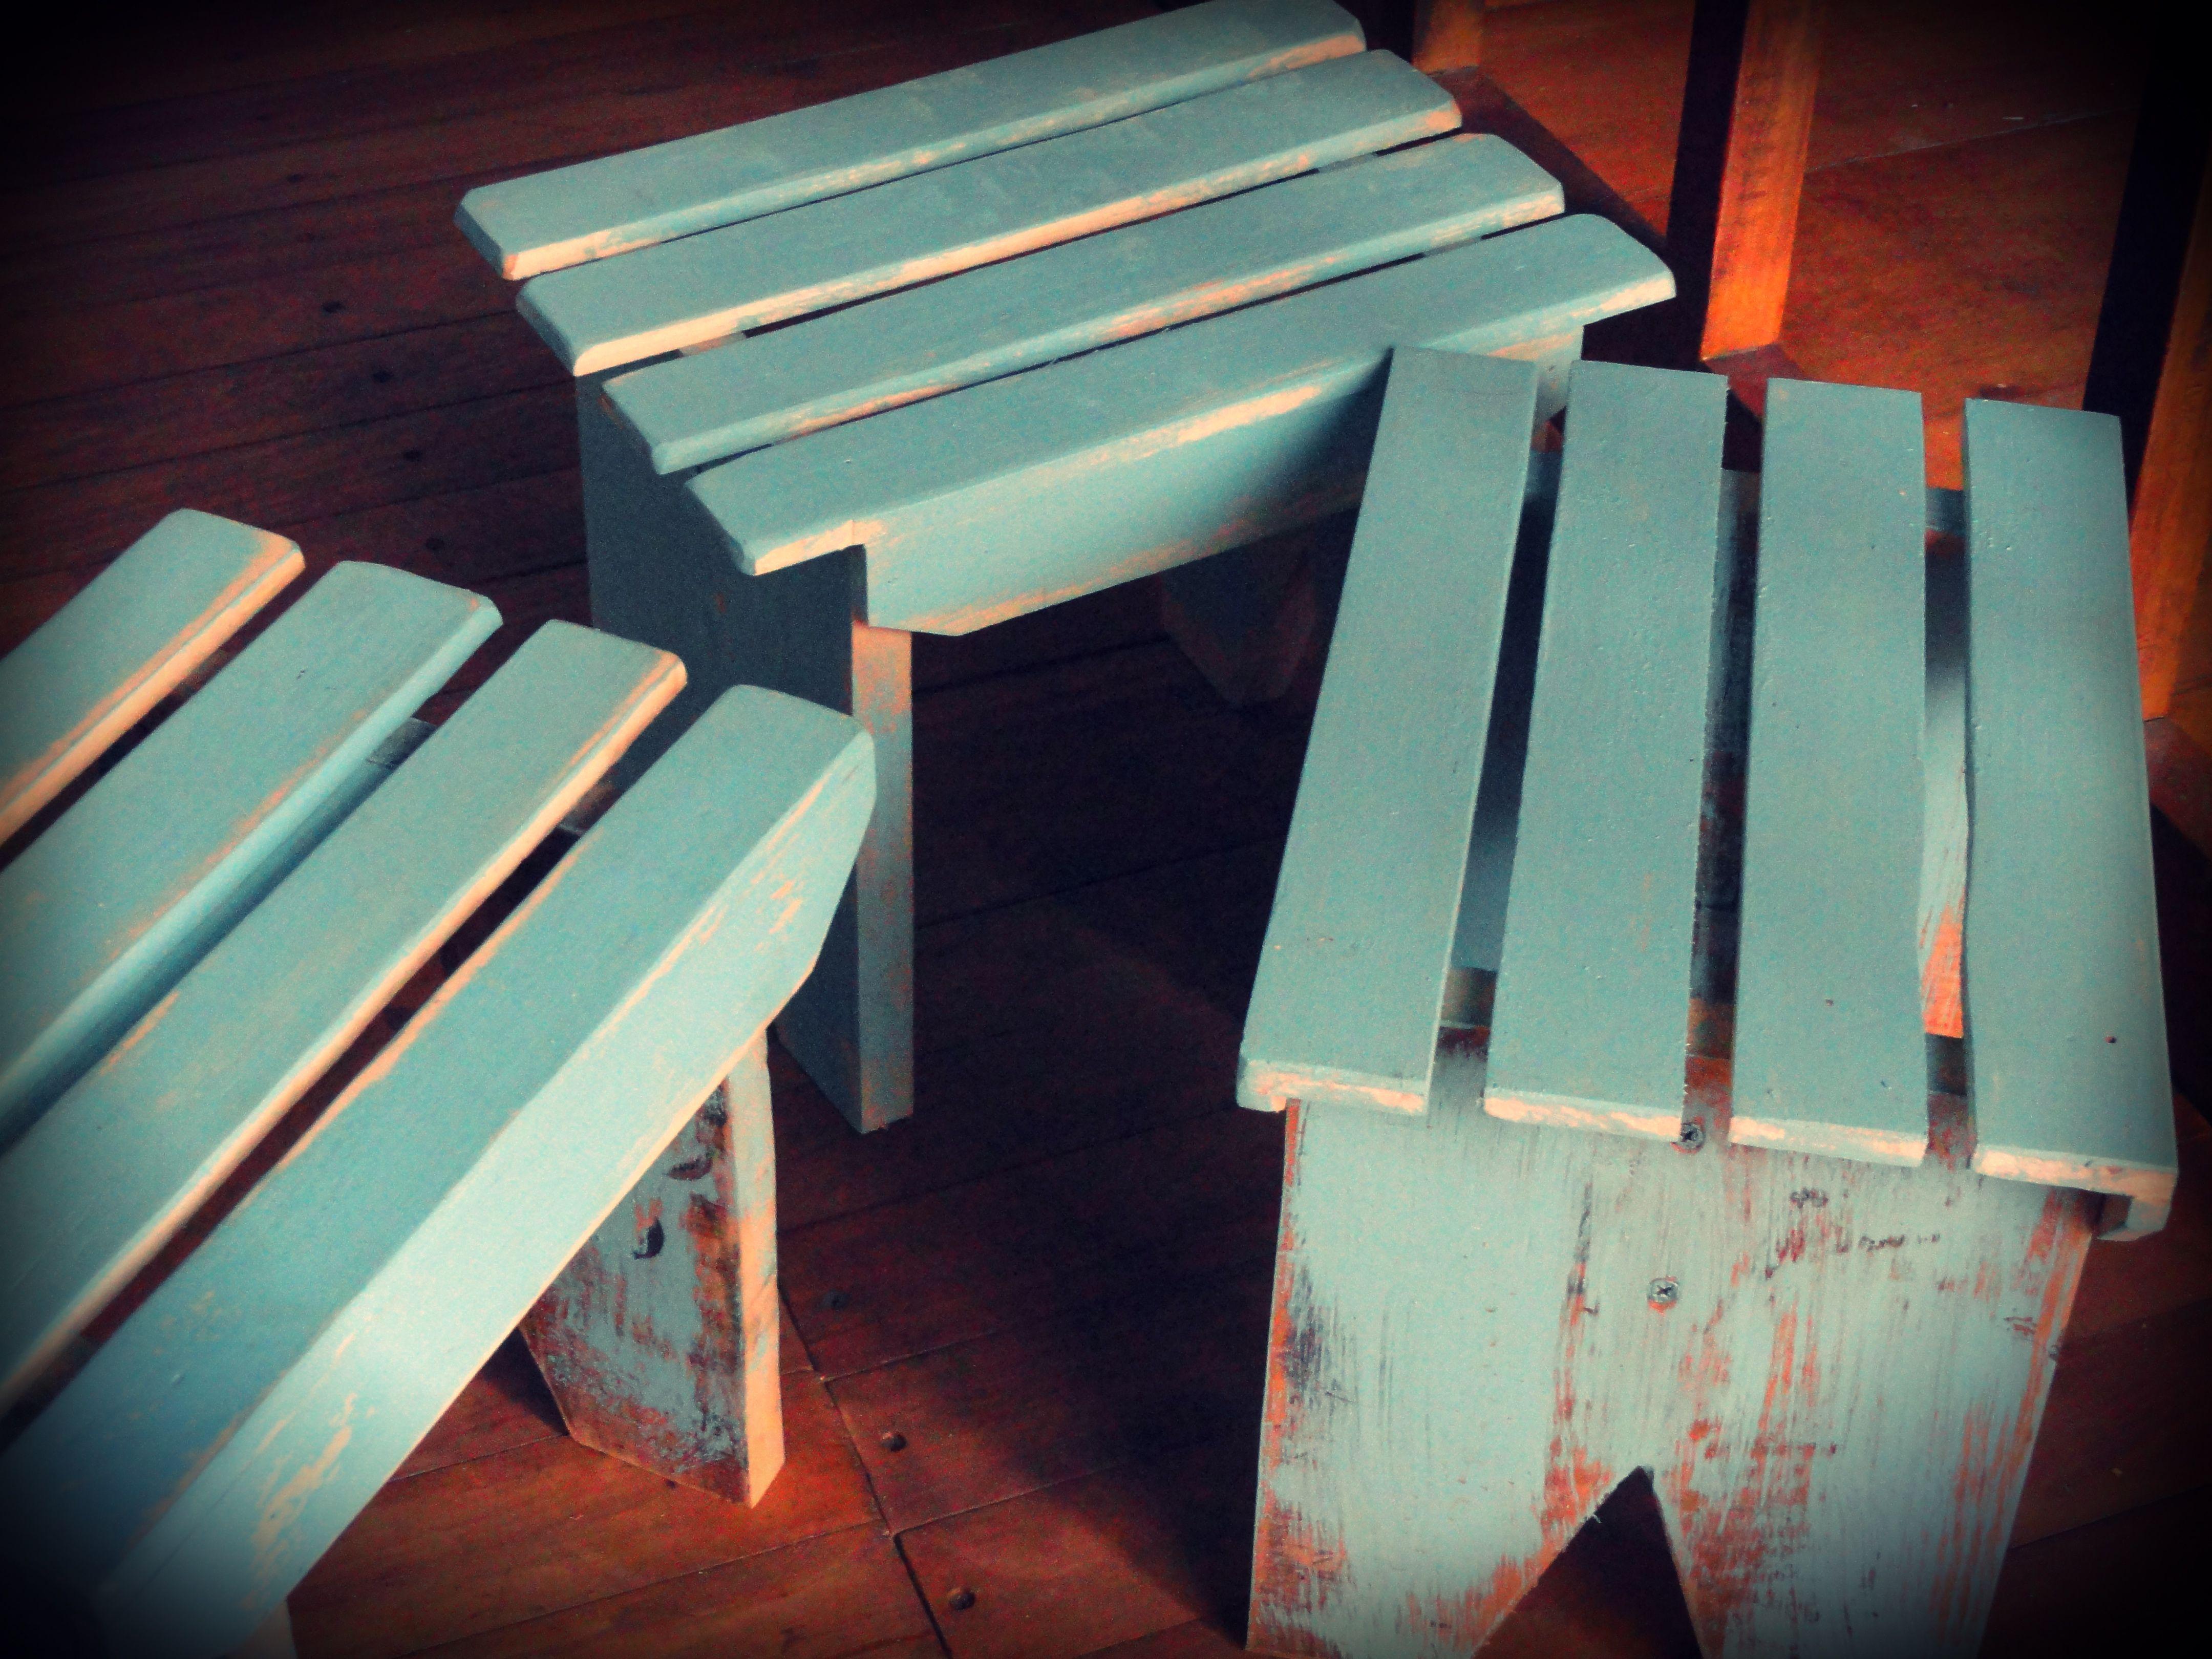 Banquitos de madera Reciclada estilo Vintage    - Art PP-